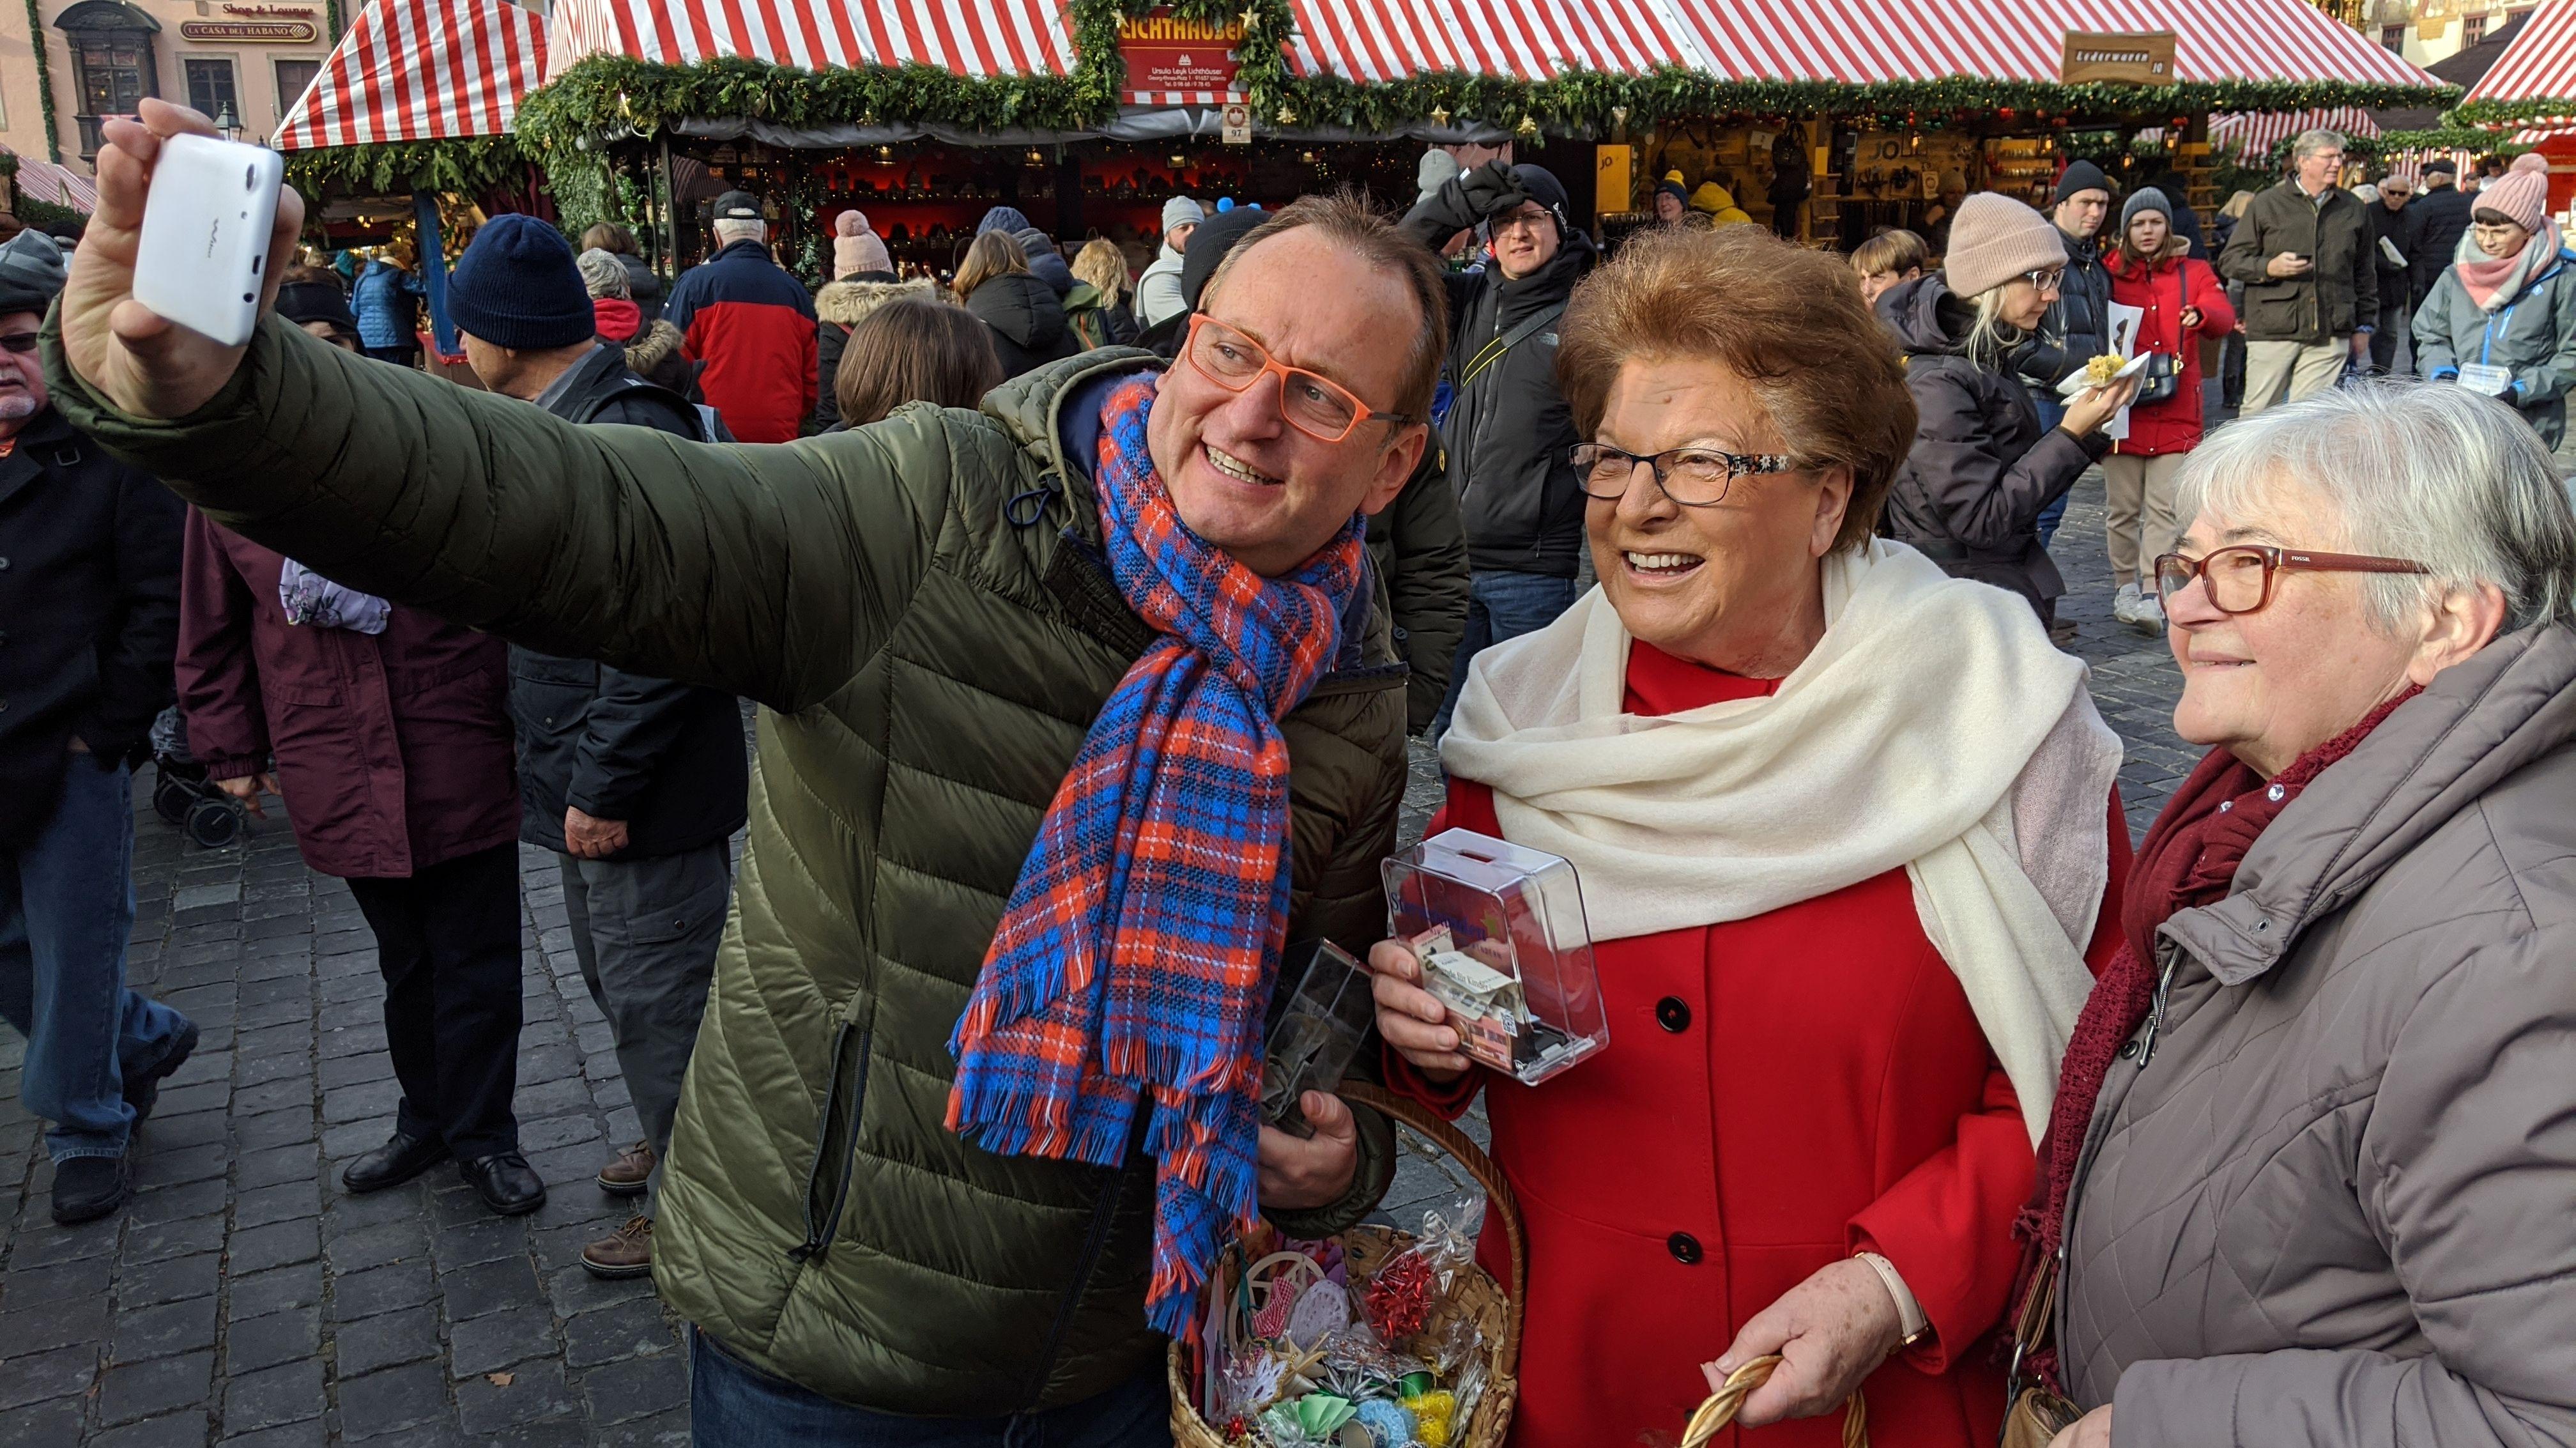 Volker Heißmann hält ein Handy und macht mit Barbara Stamm und einer Besucherin ein Selfie